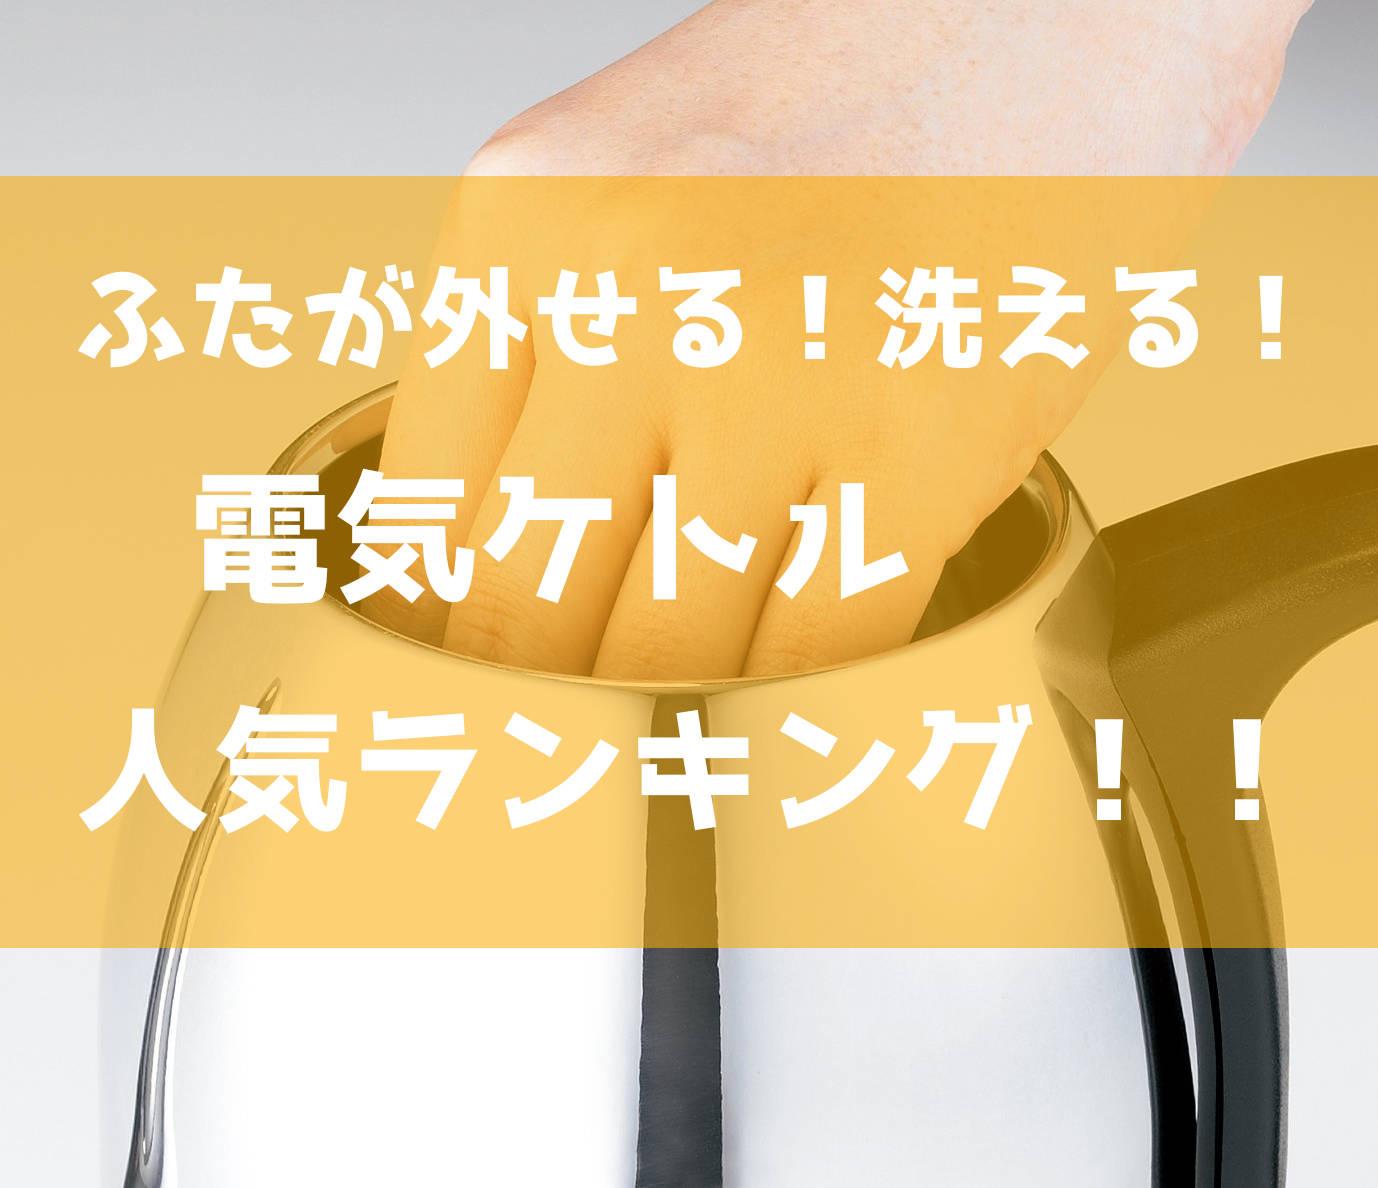 「電気ケトル」- ふたが外せて洗える、最強おすすめ人気ランキング